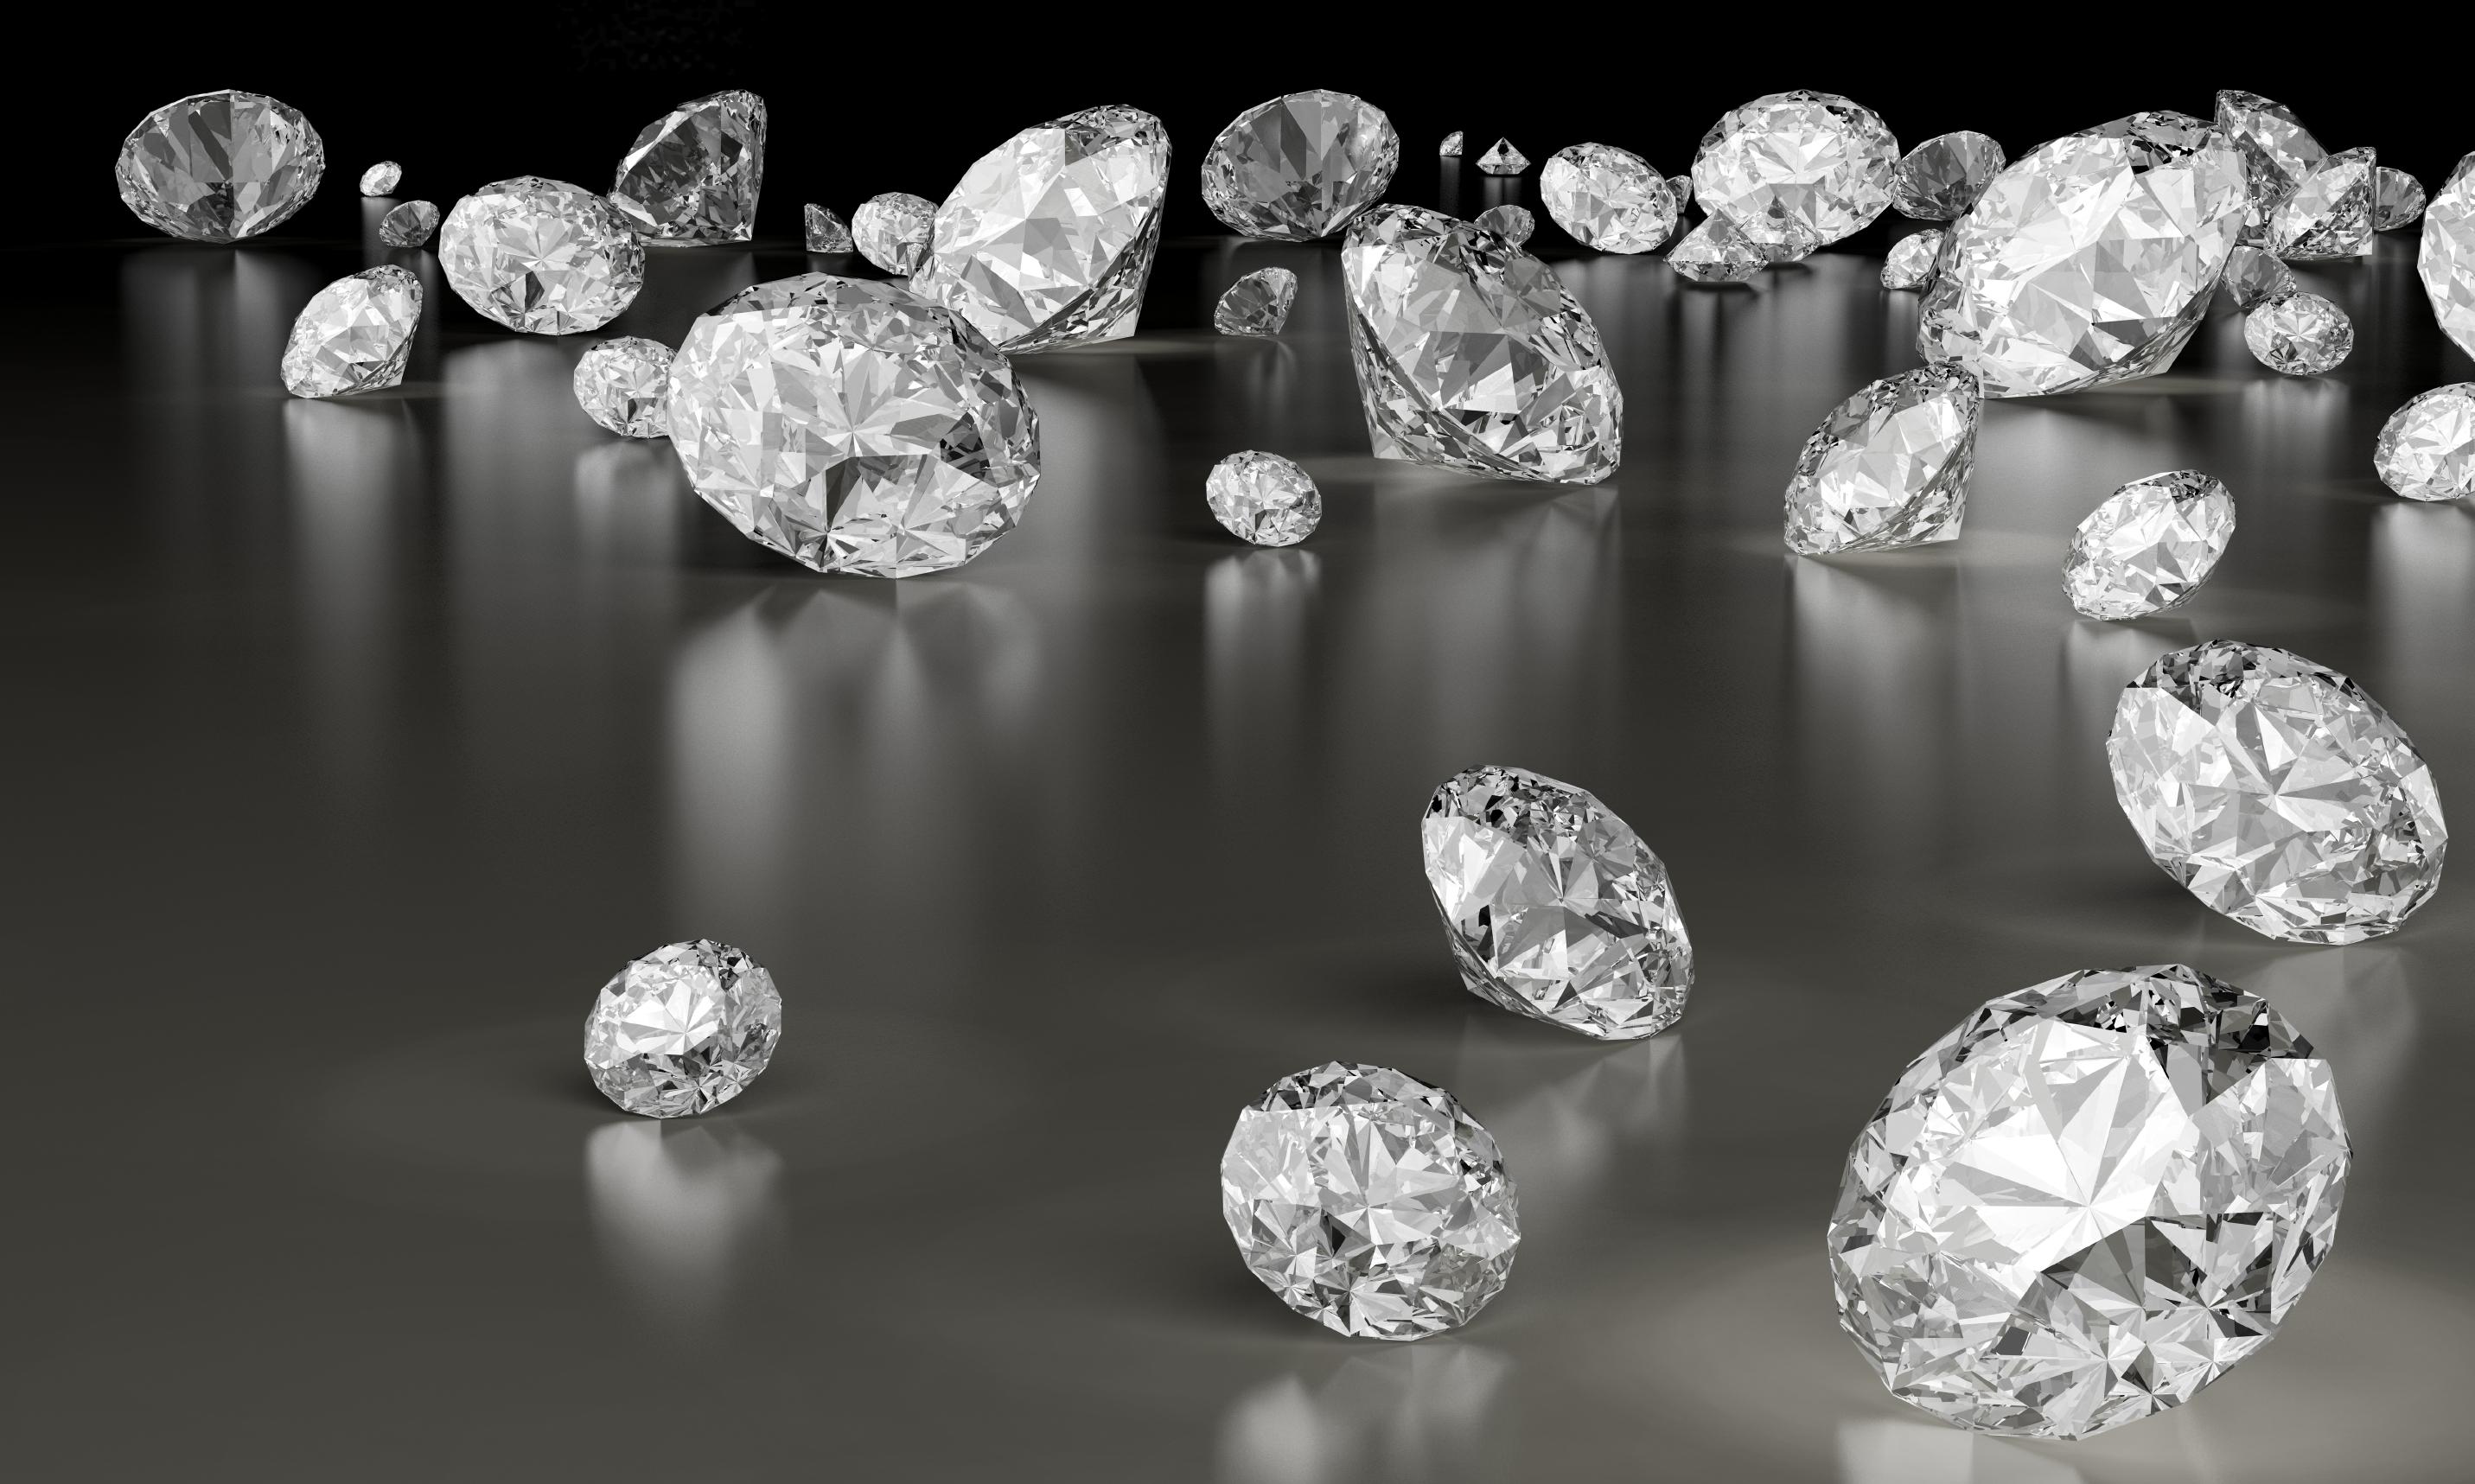 IT joyeria nuevo proveedor oficial de diamantes en Panama